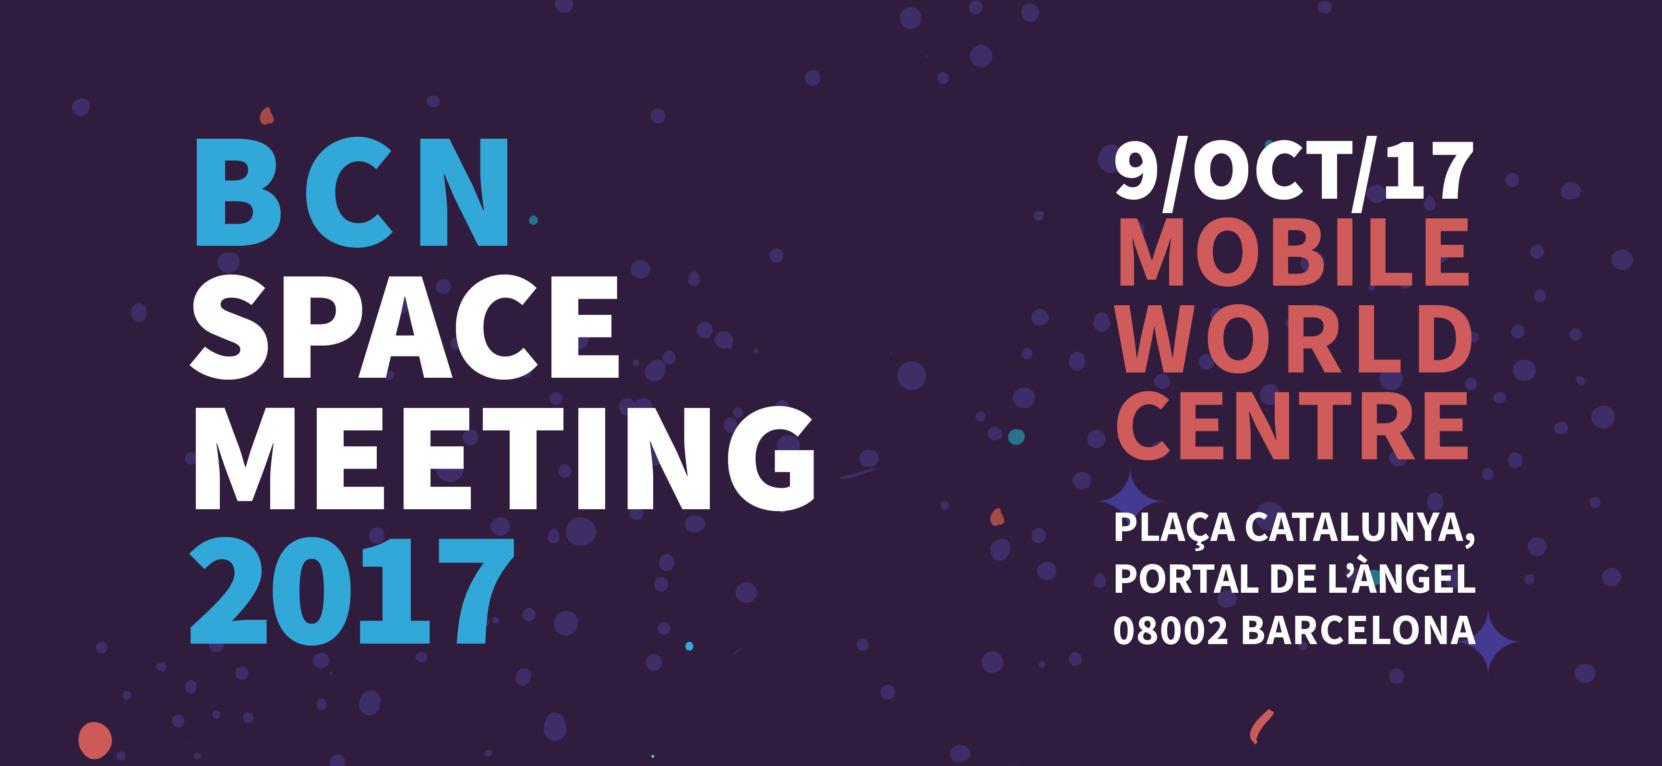 BCN Space Meeting